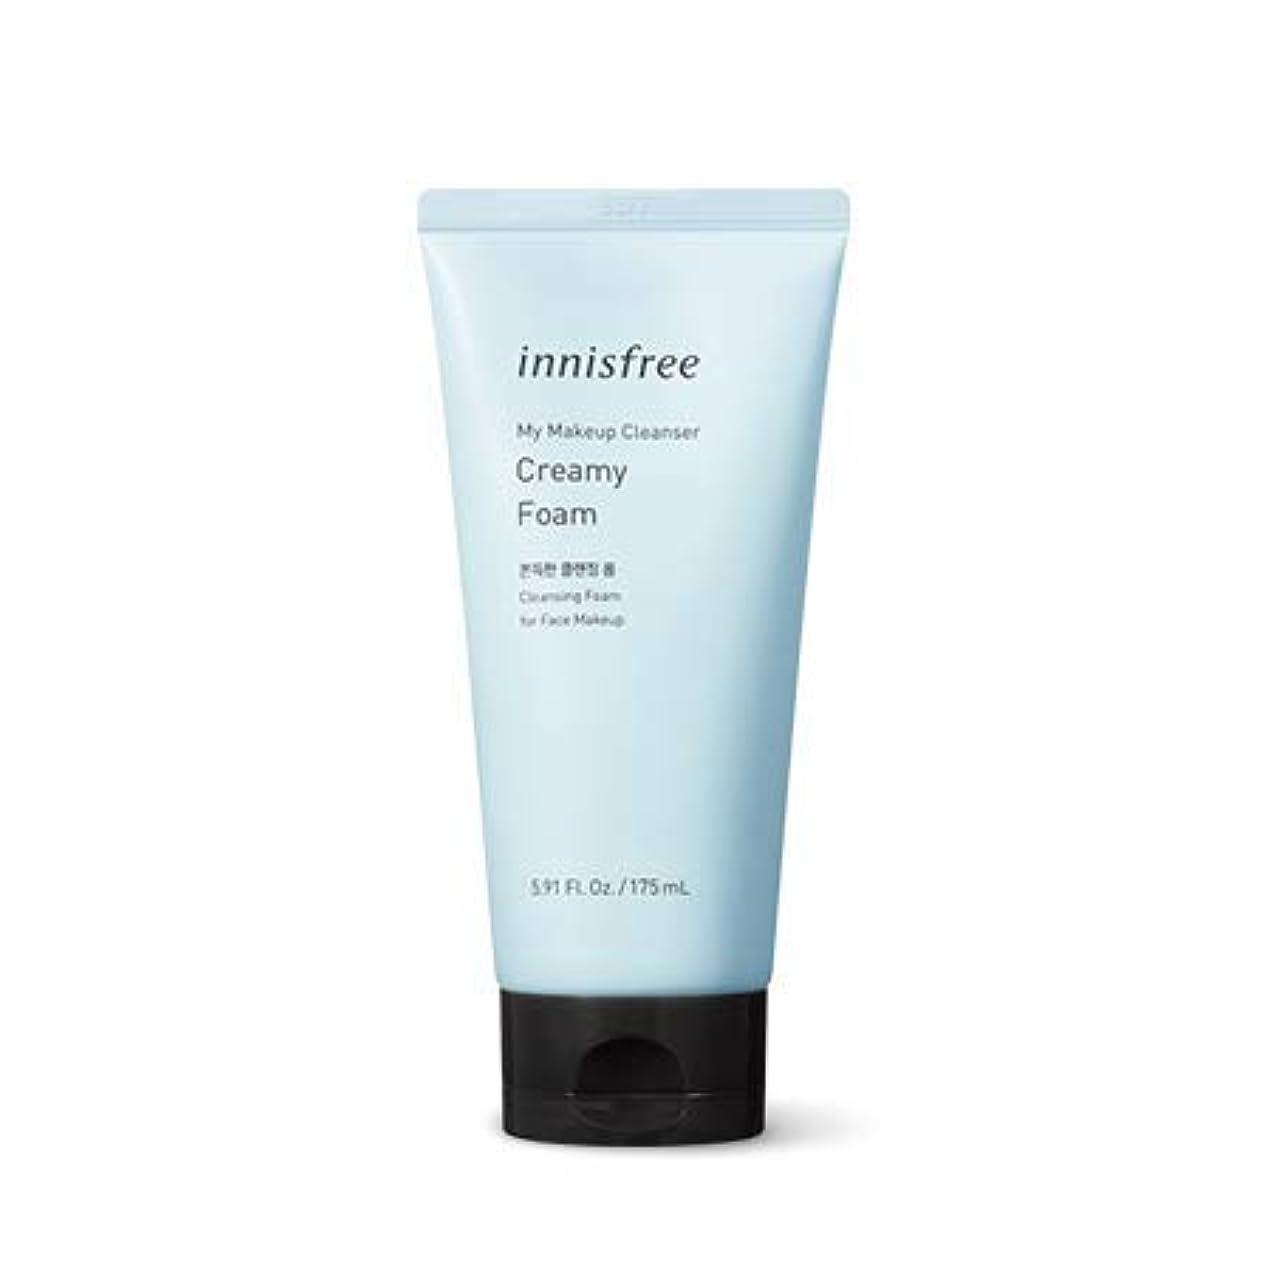 [イニスフリー.innisfree]マイメイククレンザー - クリーミーフォーム175mL+ free(laneige。water sleeping mask15ml)/ My Makeup Cleanser - Creamy...